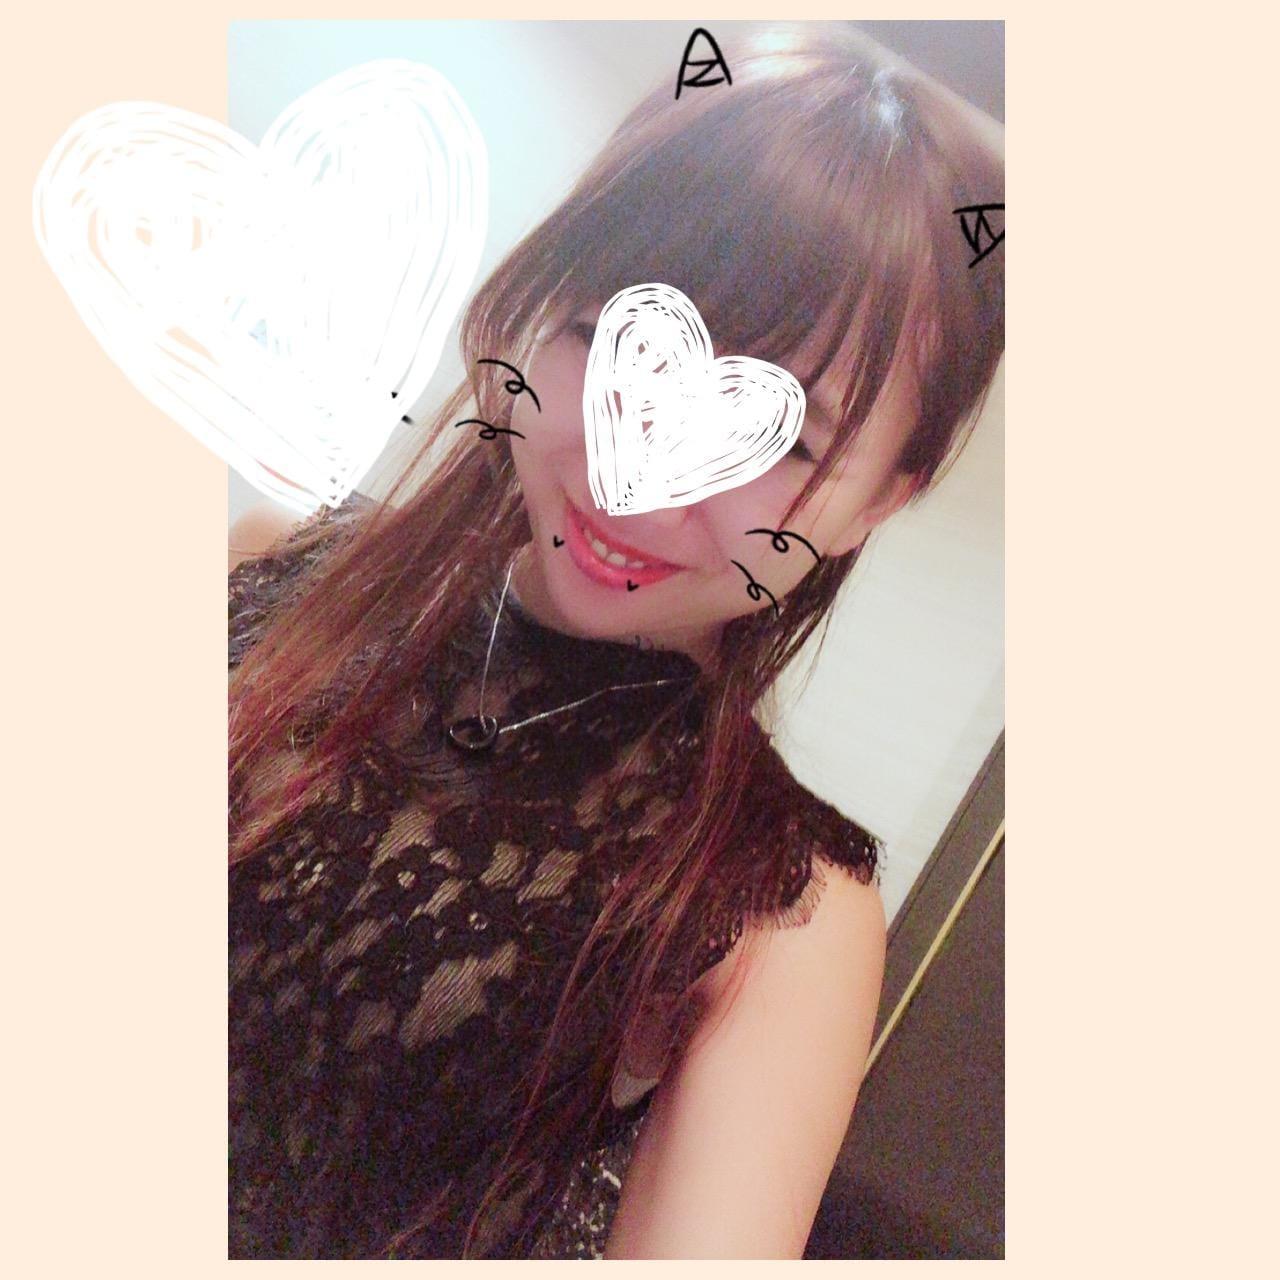 「ミレン出勤してます♪」09/06(木) 16:46 | 美恋(ミレン)の写メ・風俗動画